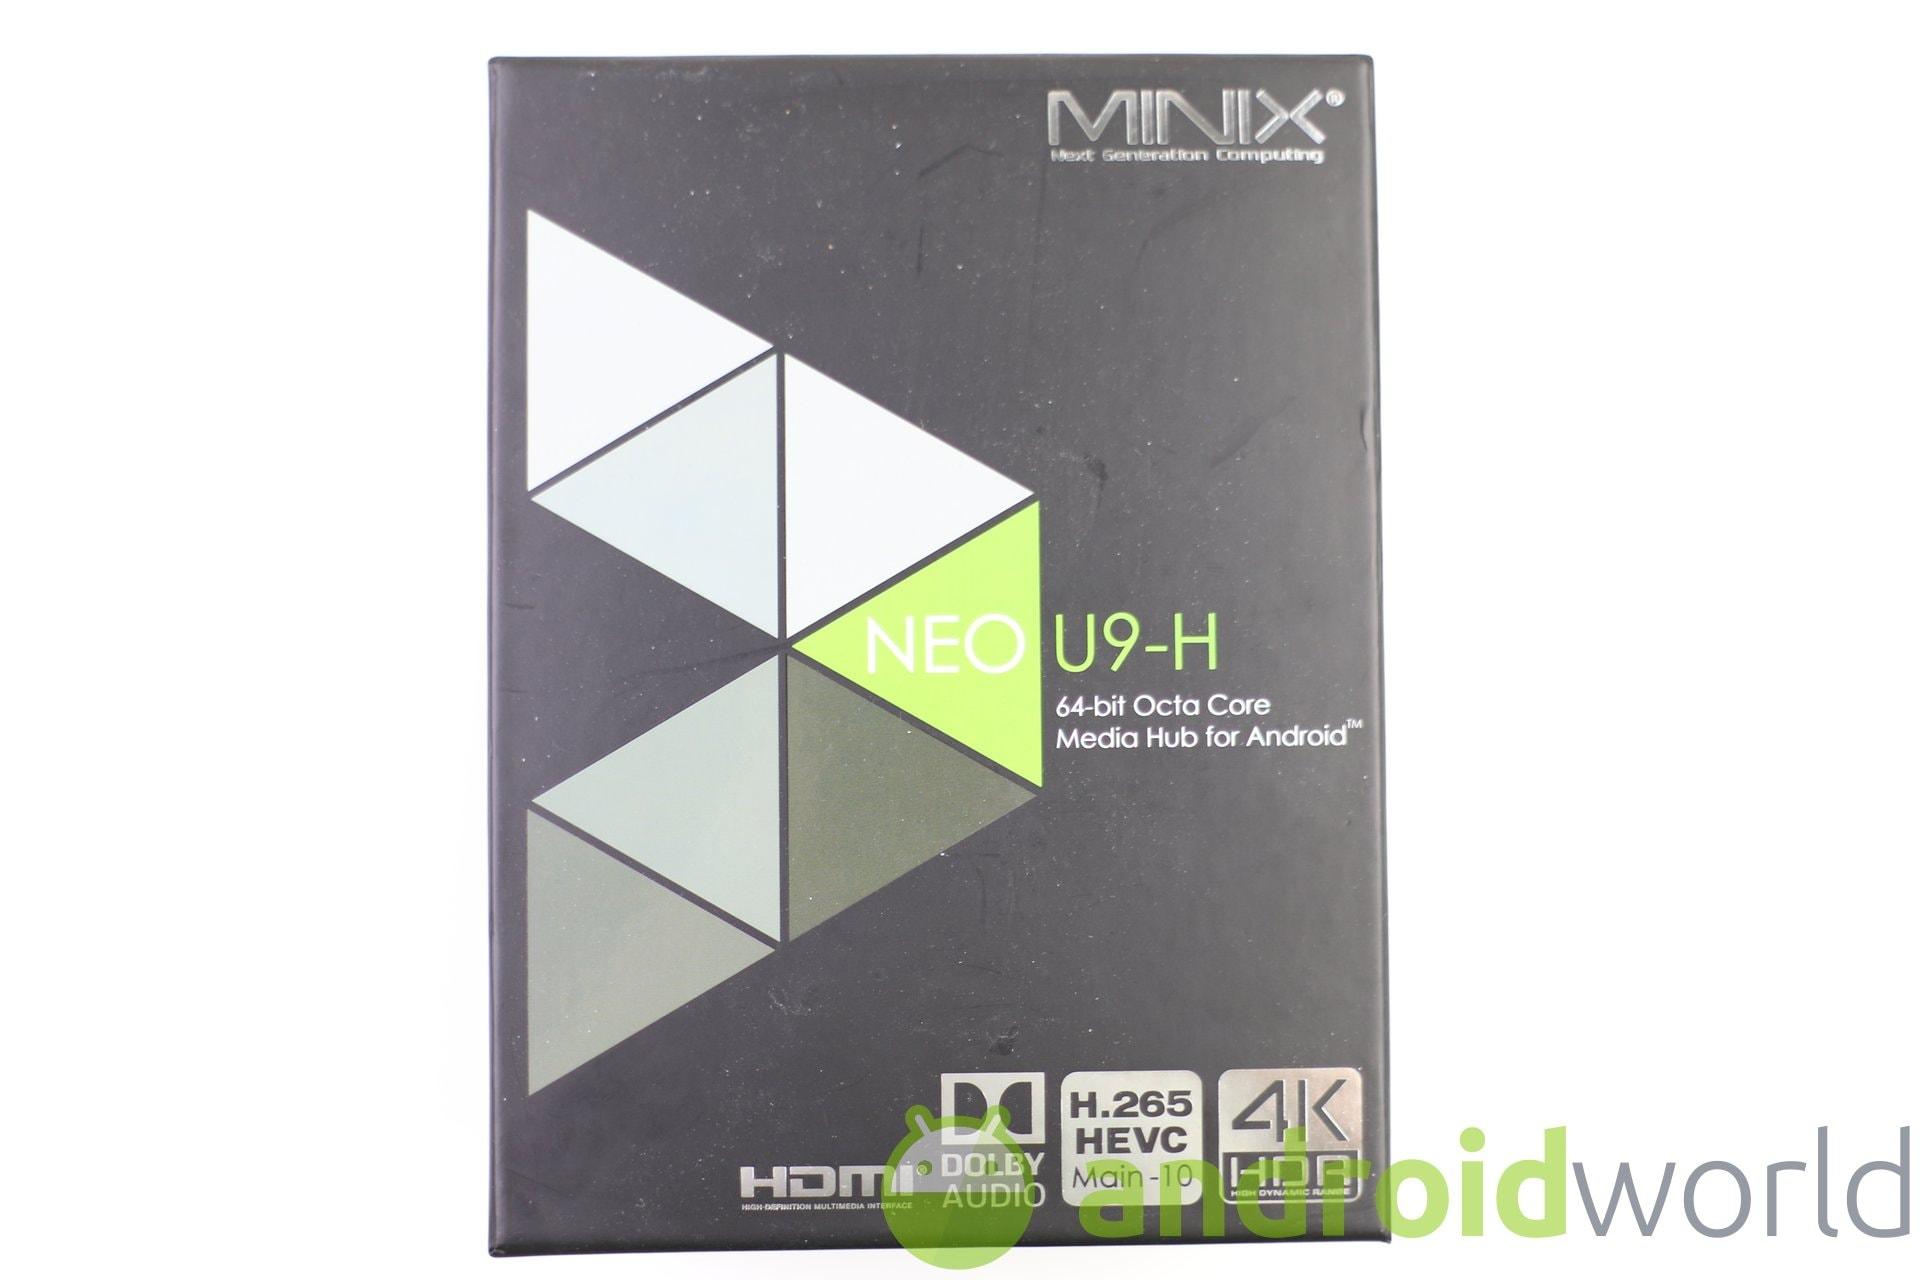 minix neo u9-h (4)